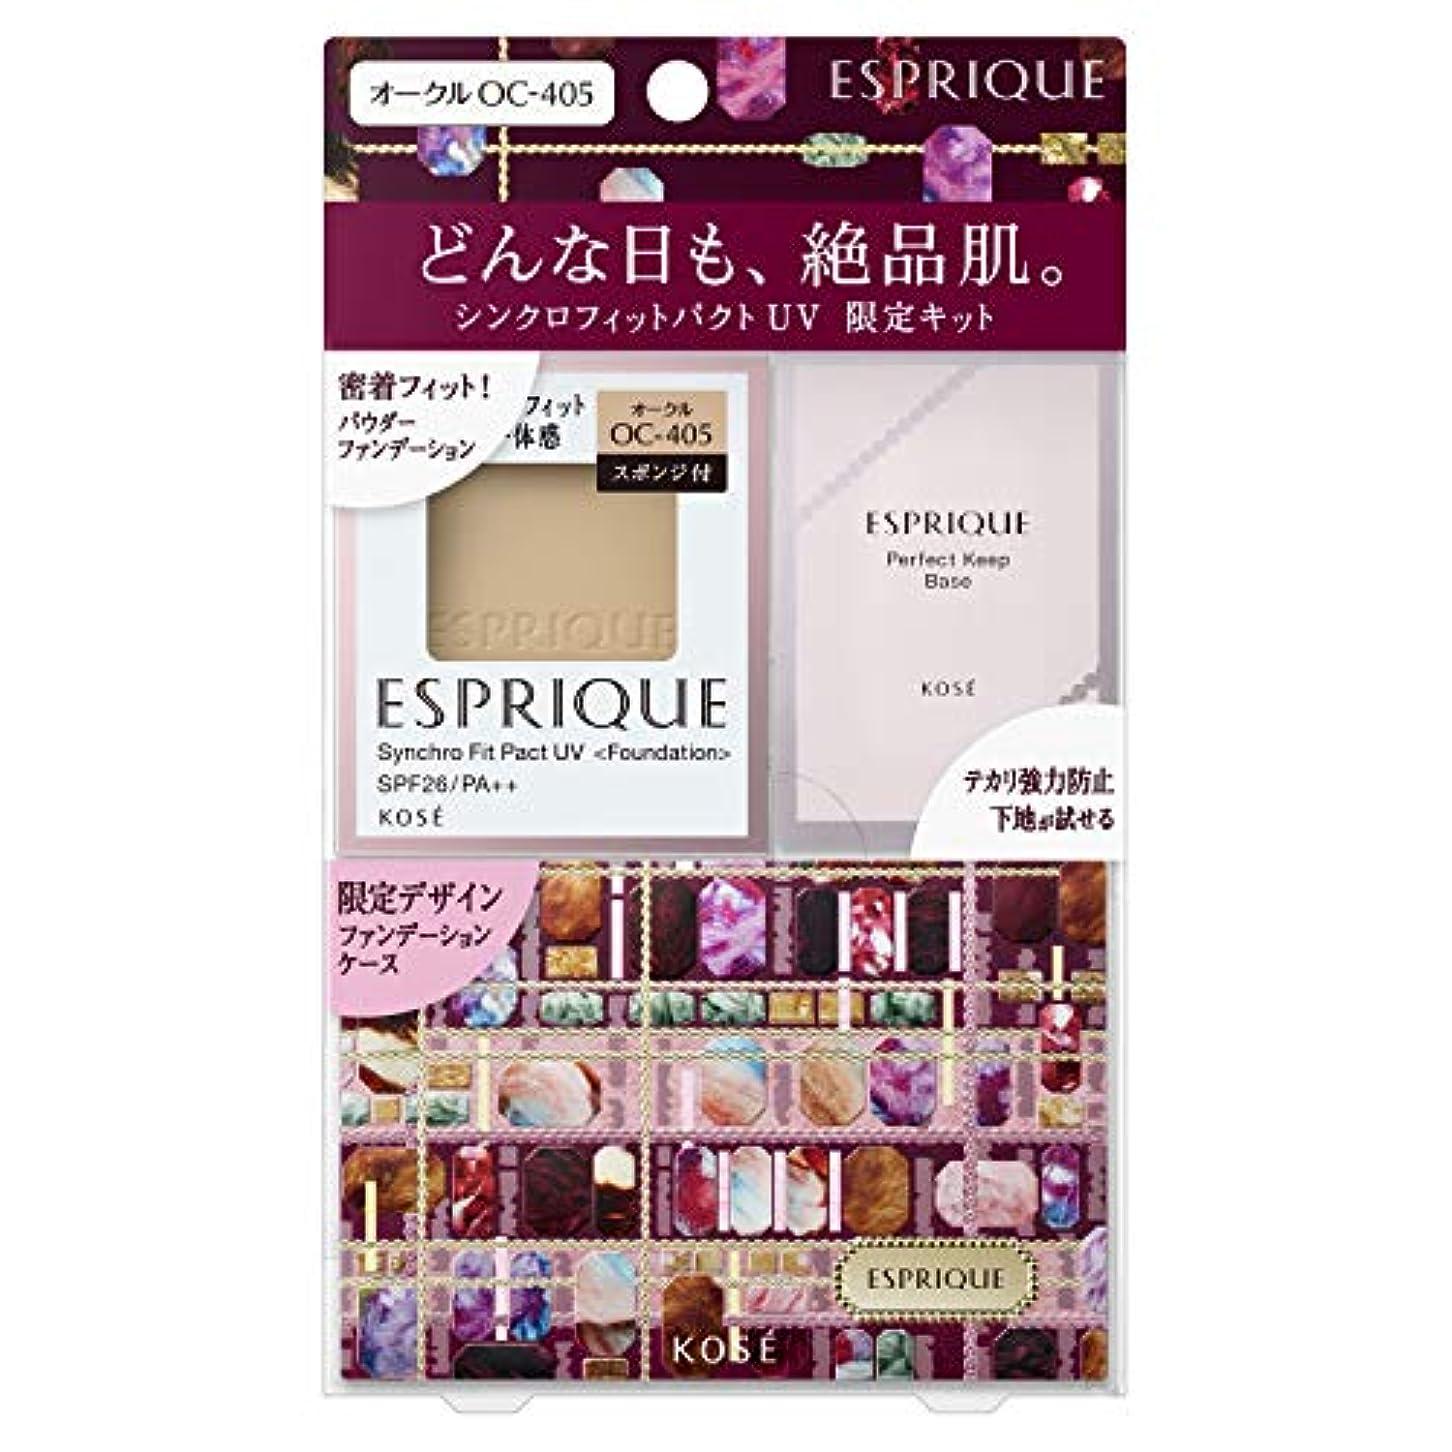 縫う審判圧縮されたエスプリーク シンクロフィット パクト UV 限定キット 2 OC-405 オークル